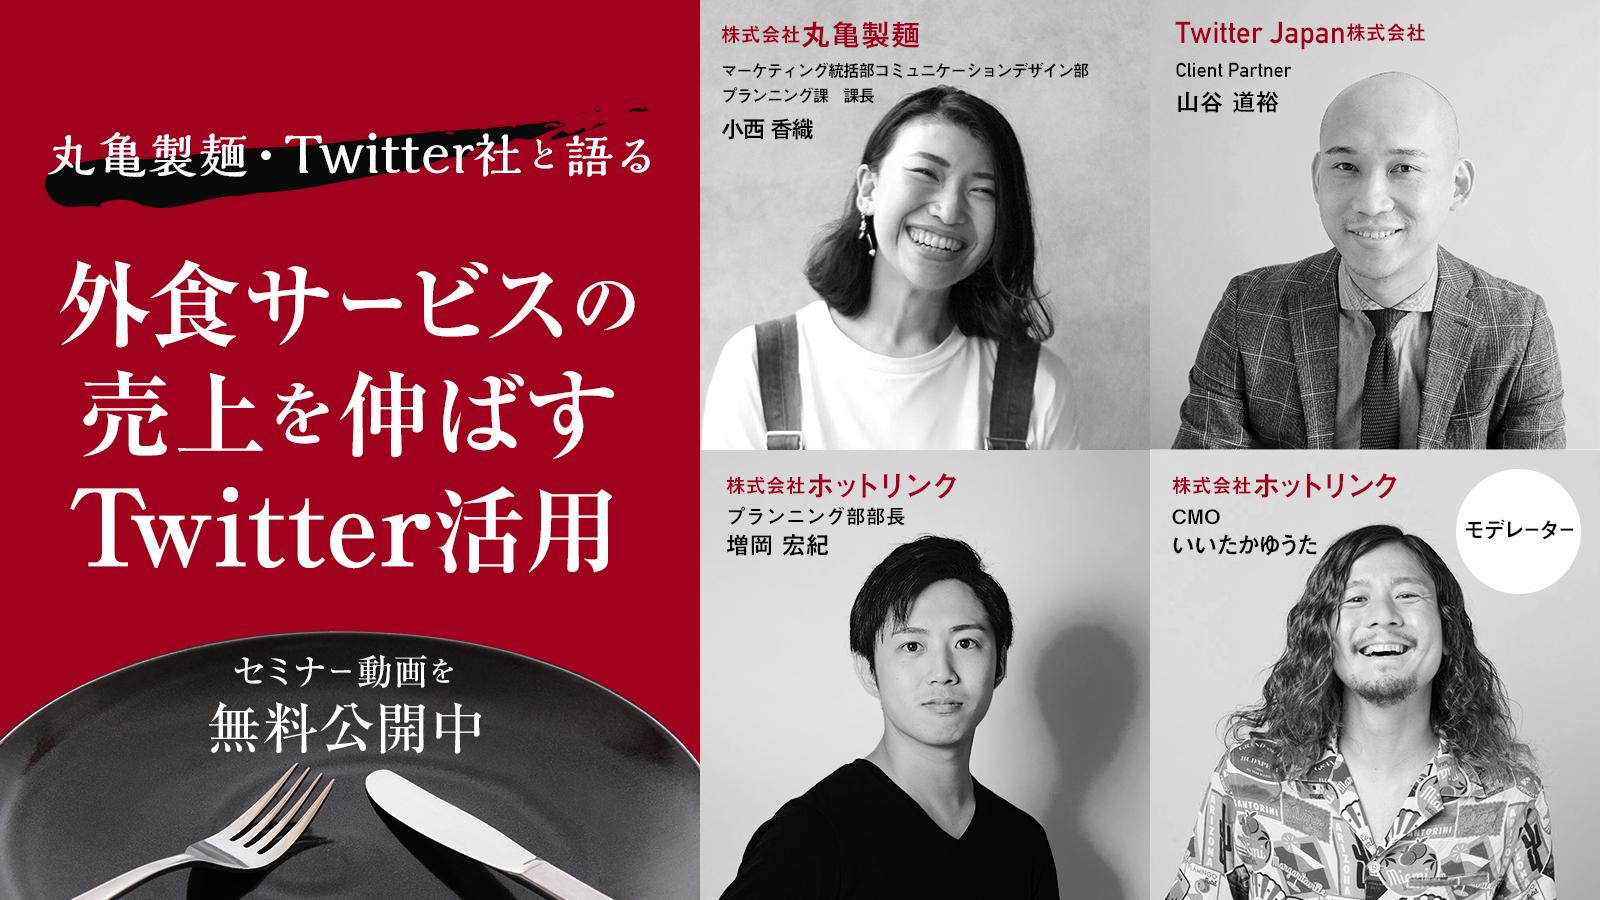 【動画】丸亀製麺・Twitter社と語る外食サービスの売上を伸ばすTwitter活用